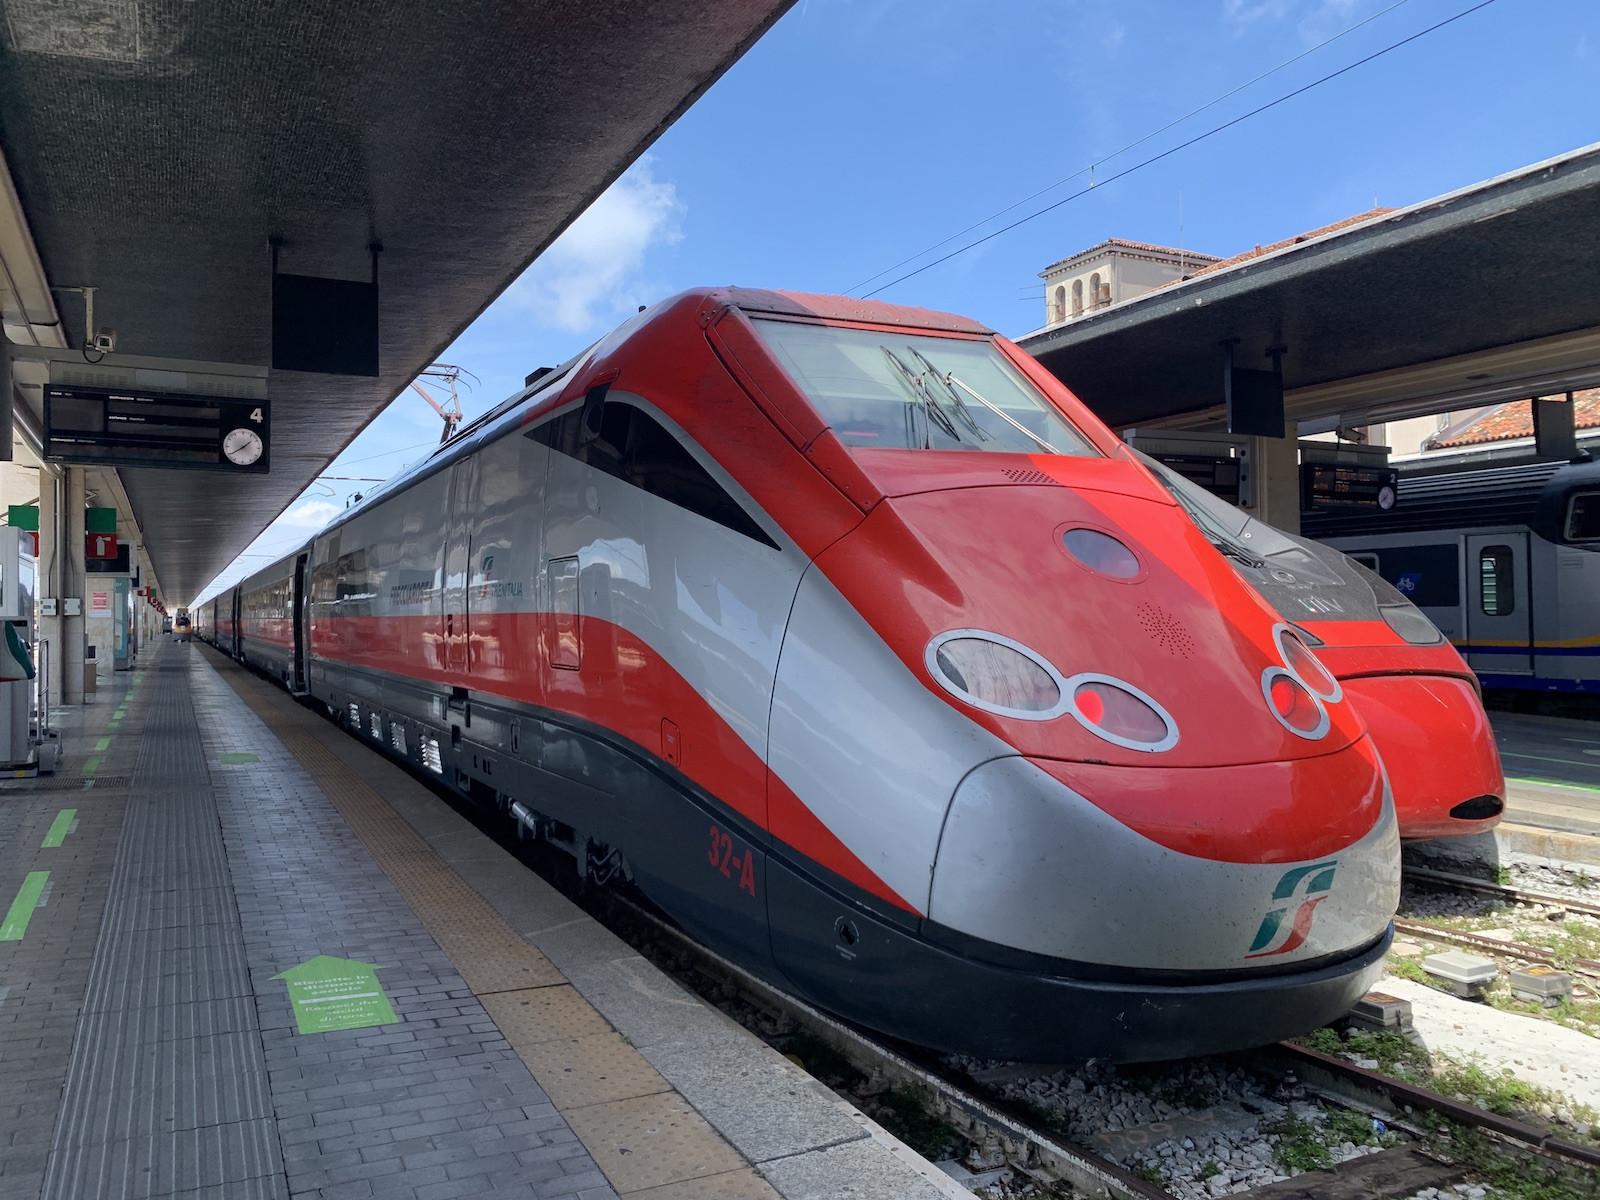 Vonatunk Velencébe érkezett